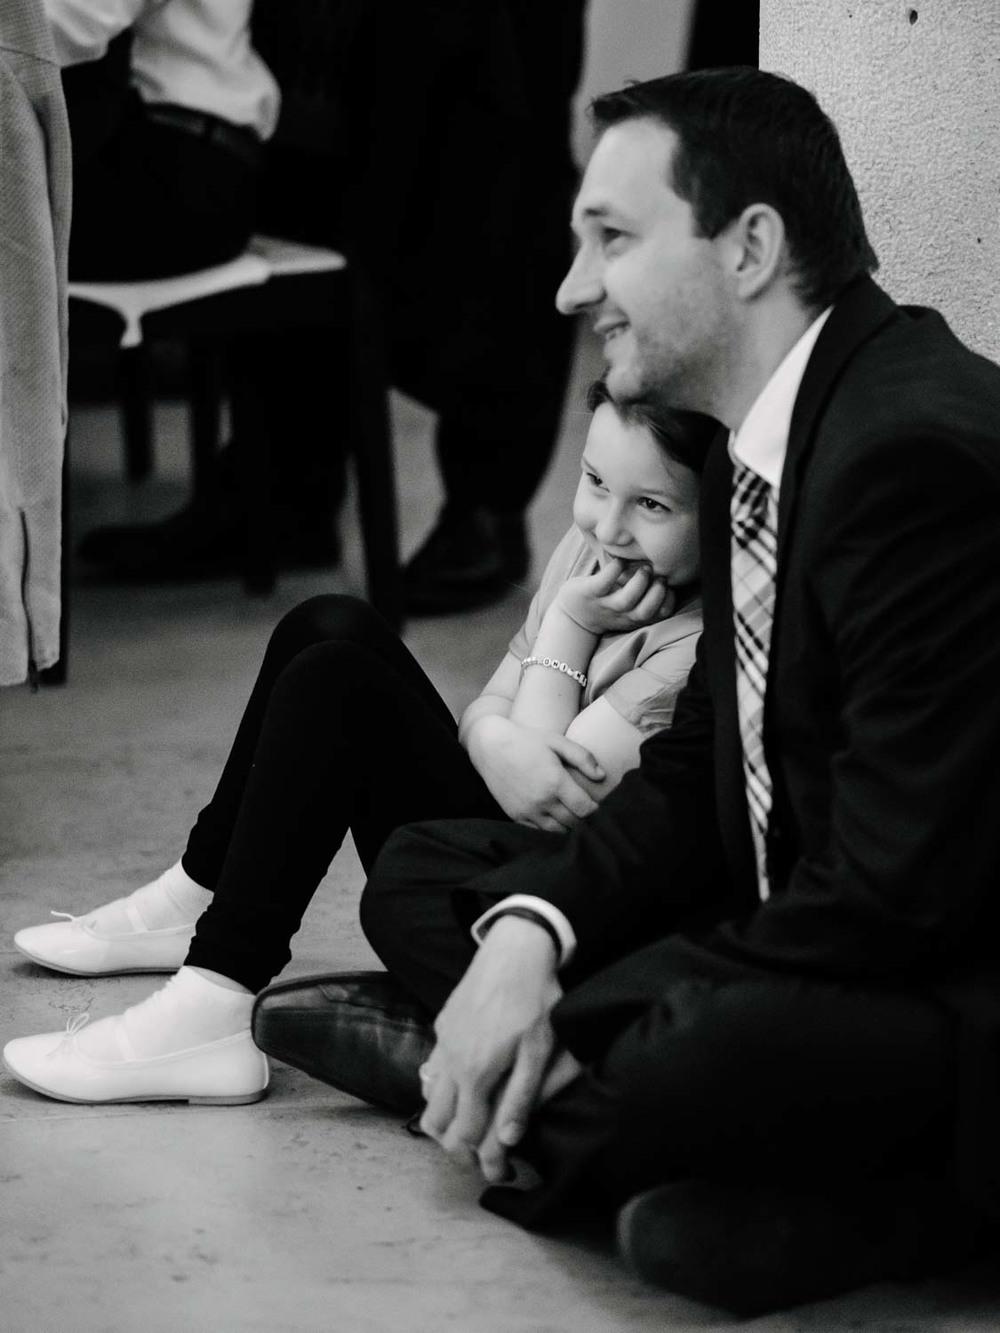 Mädchen und Vater beim Hochzeitsfest Hochzeit Rostocker Fotograf in Augsburg